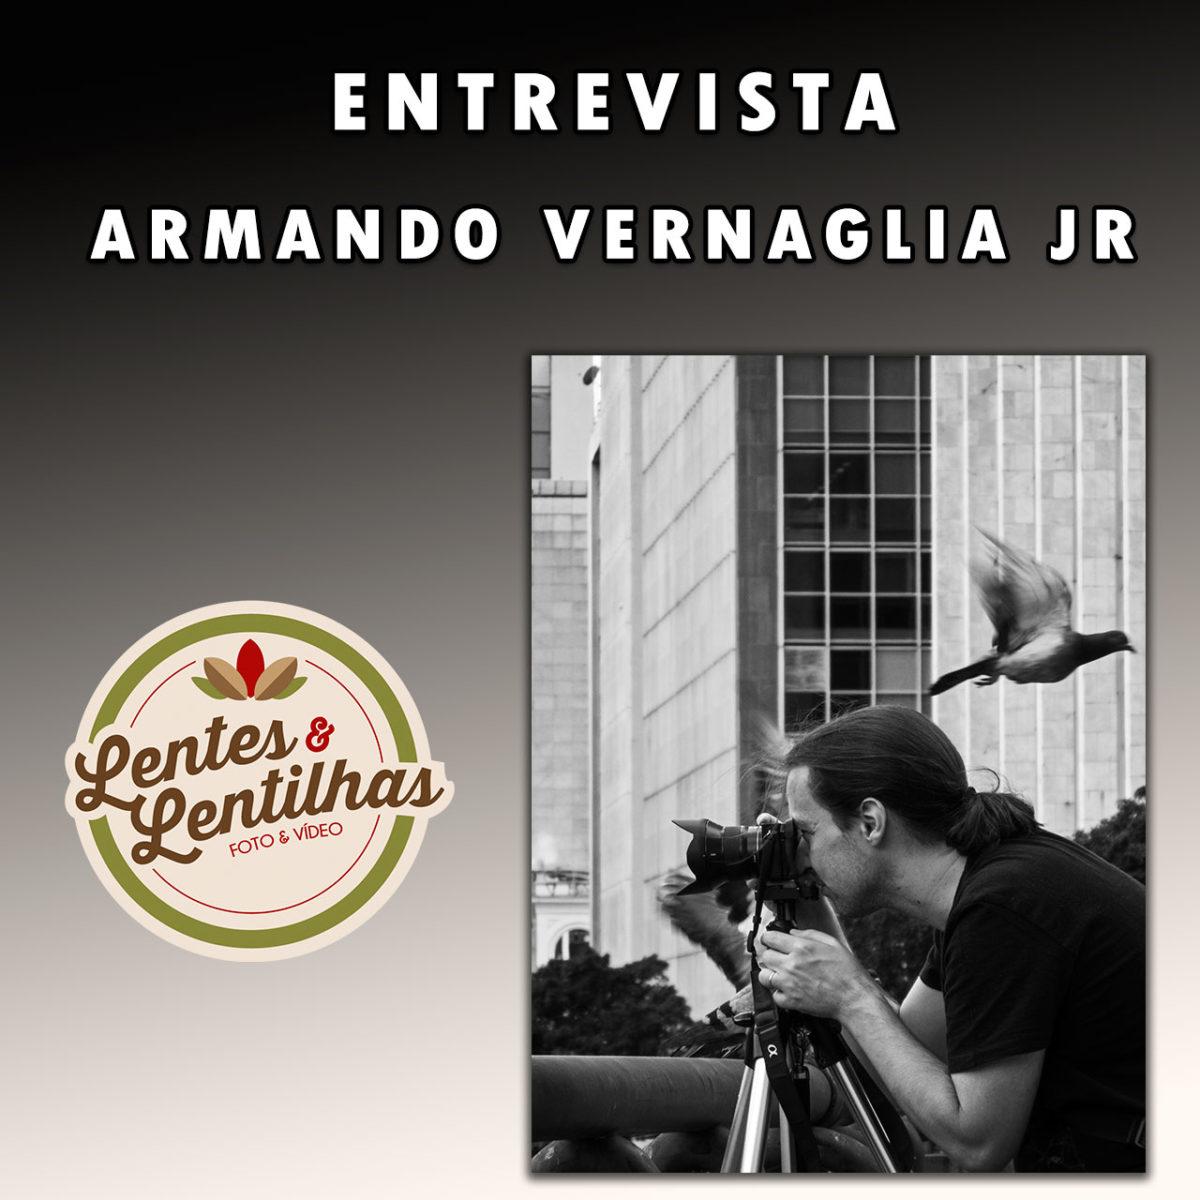 Entrevista: Armando Vernaglia Jr – Gravação de vídeo com DSLR